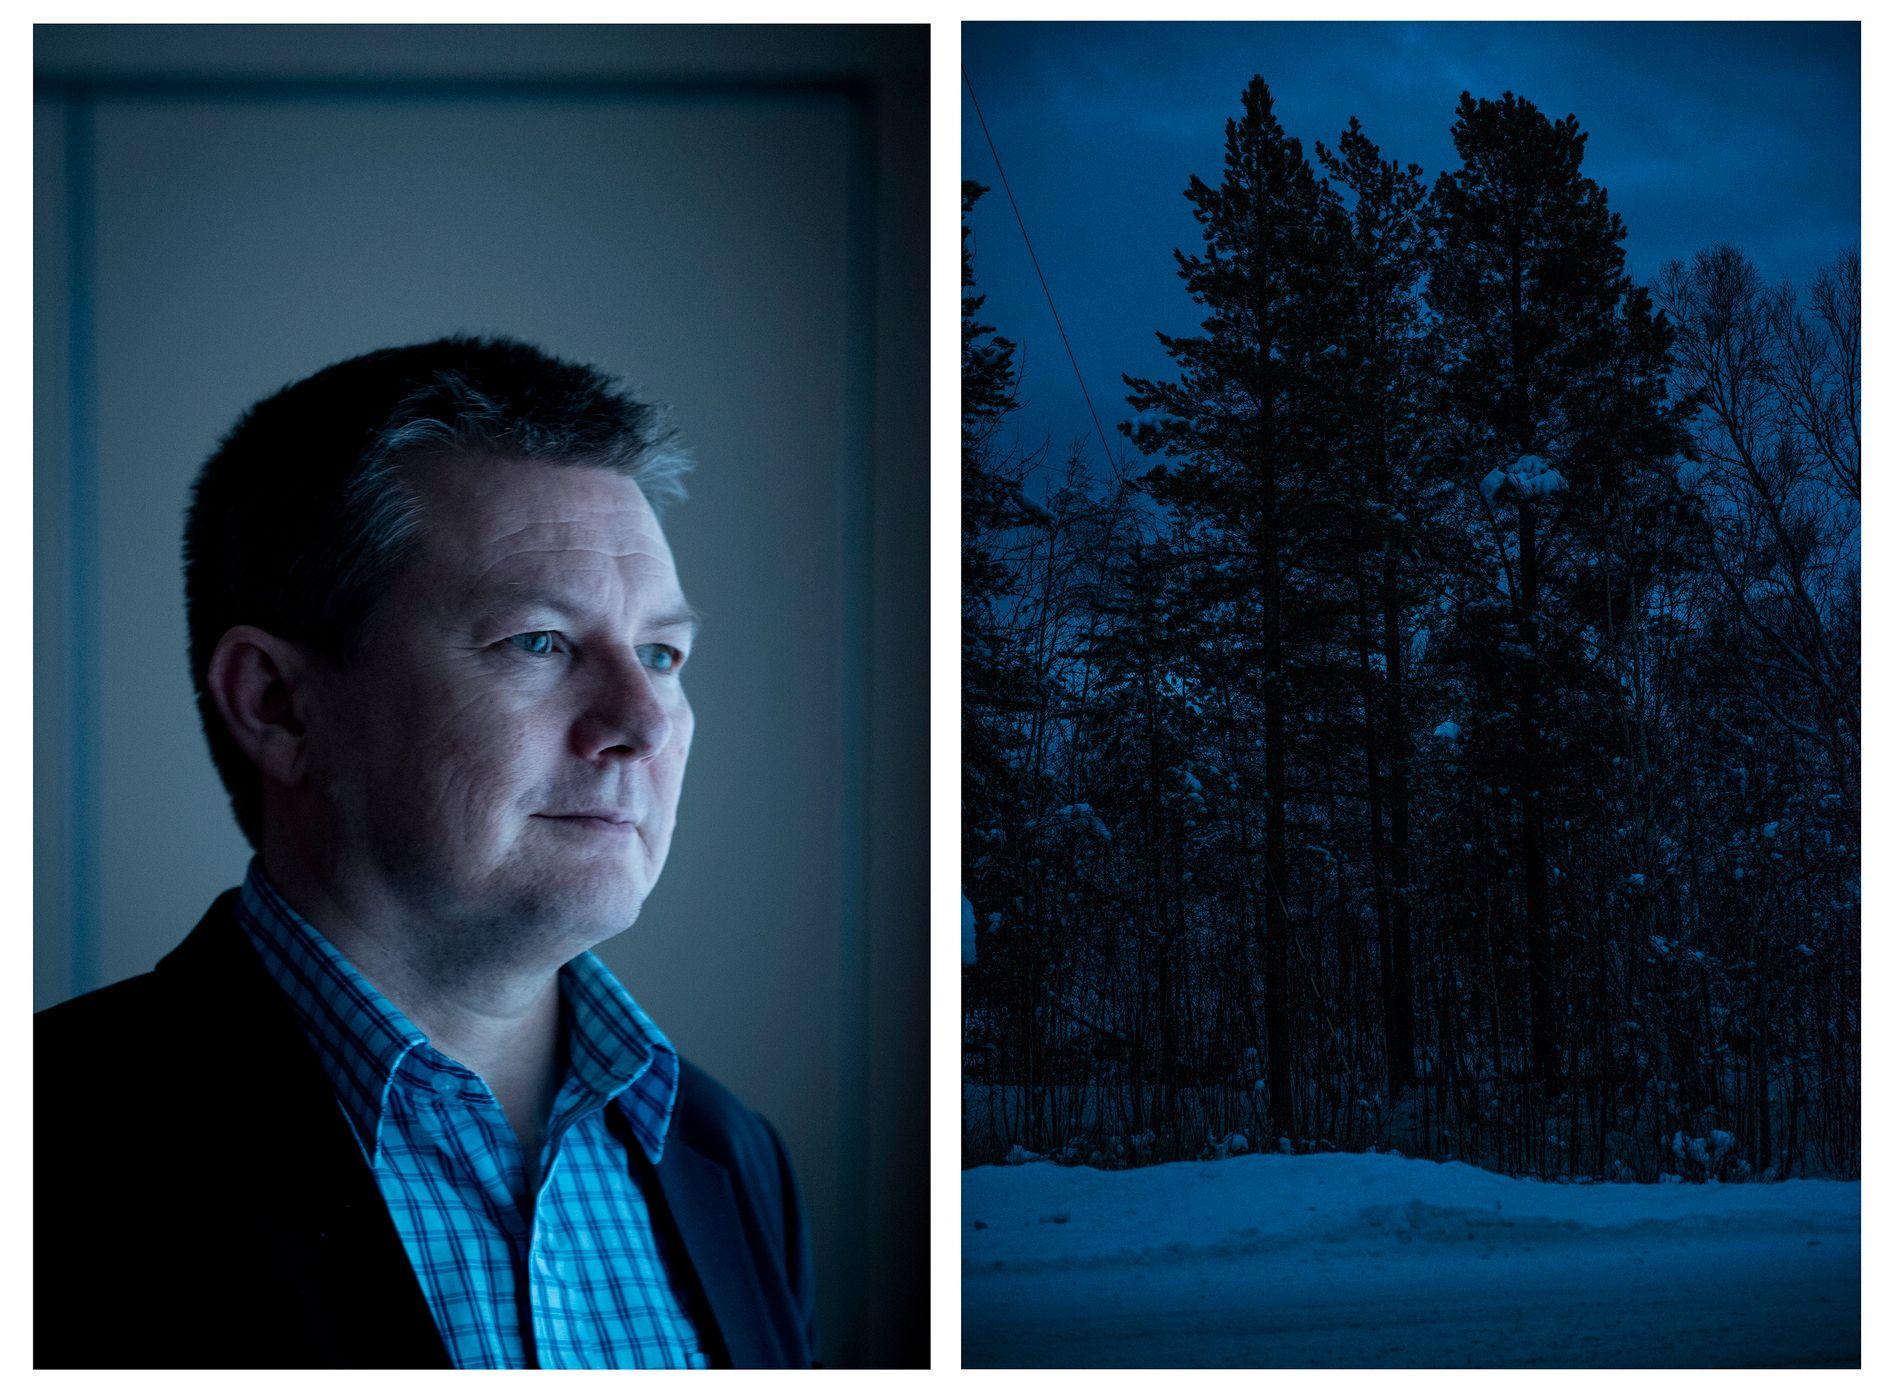 BERØMMER: Lars Magne Andreassen, direktør for det lulesamiske kultursenteret Árran sier han er stolt av ofrene som sto frem og av den jobben politiet har gjort.